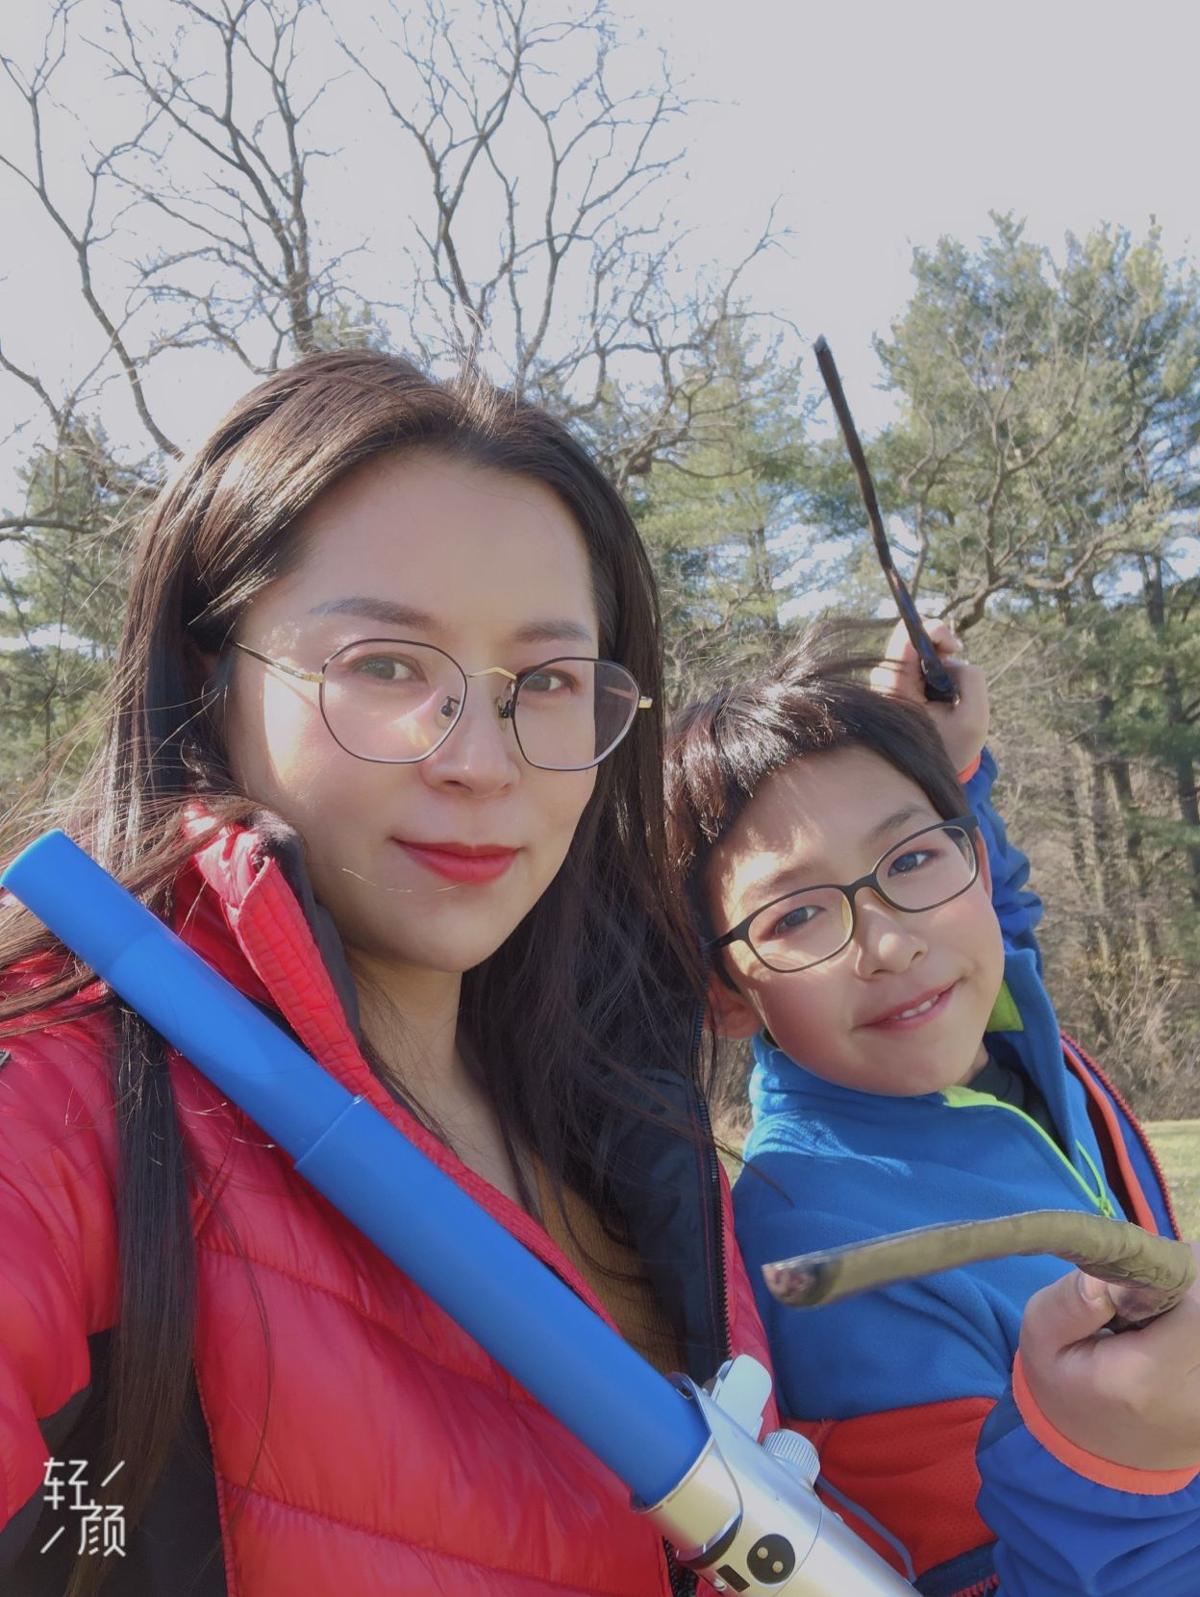 Yang and Son